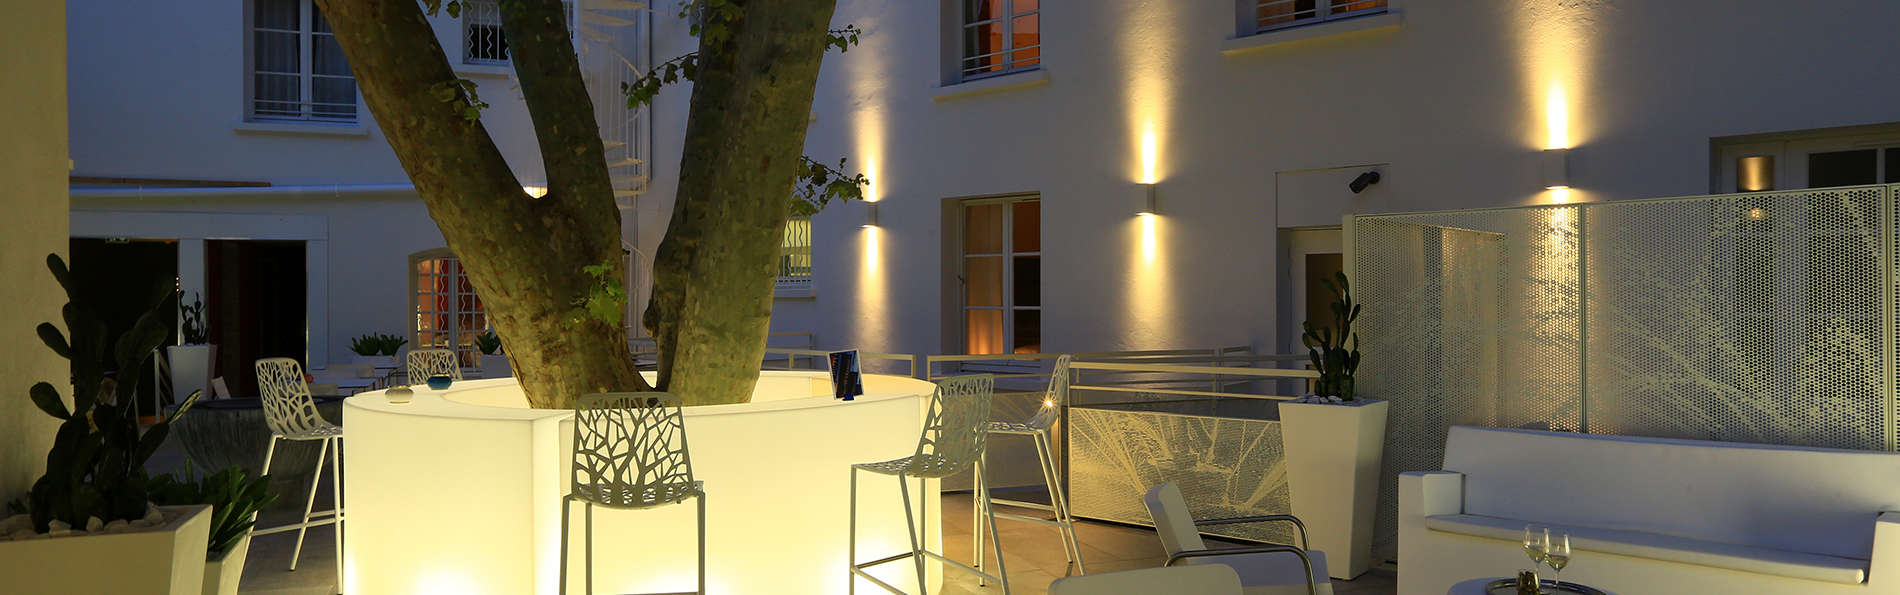 H tel c zanne boutique h tel de charme aix en provence - Hotel de charme aix en provence ...